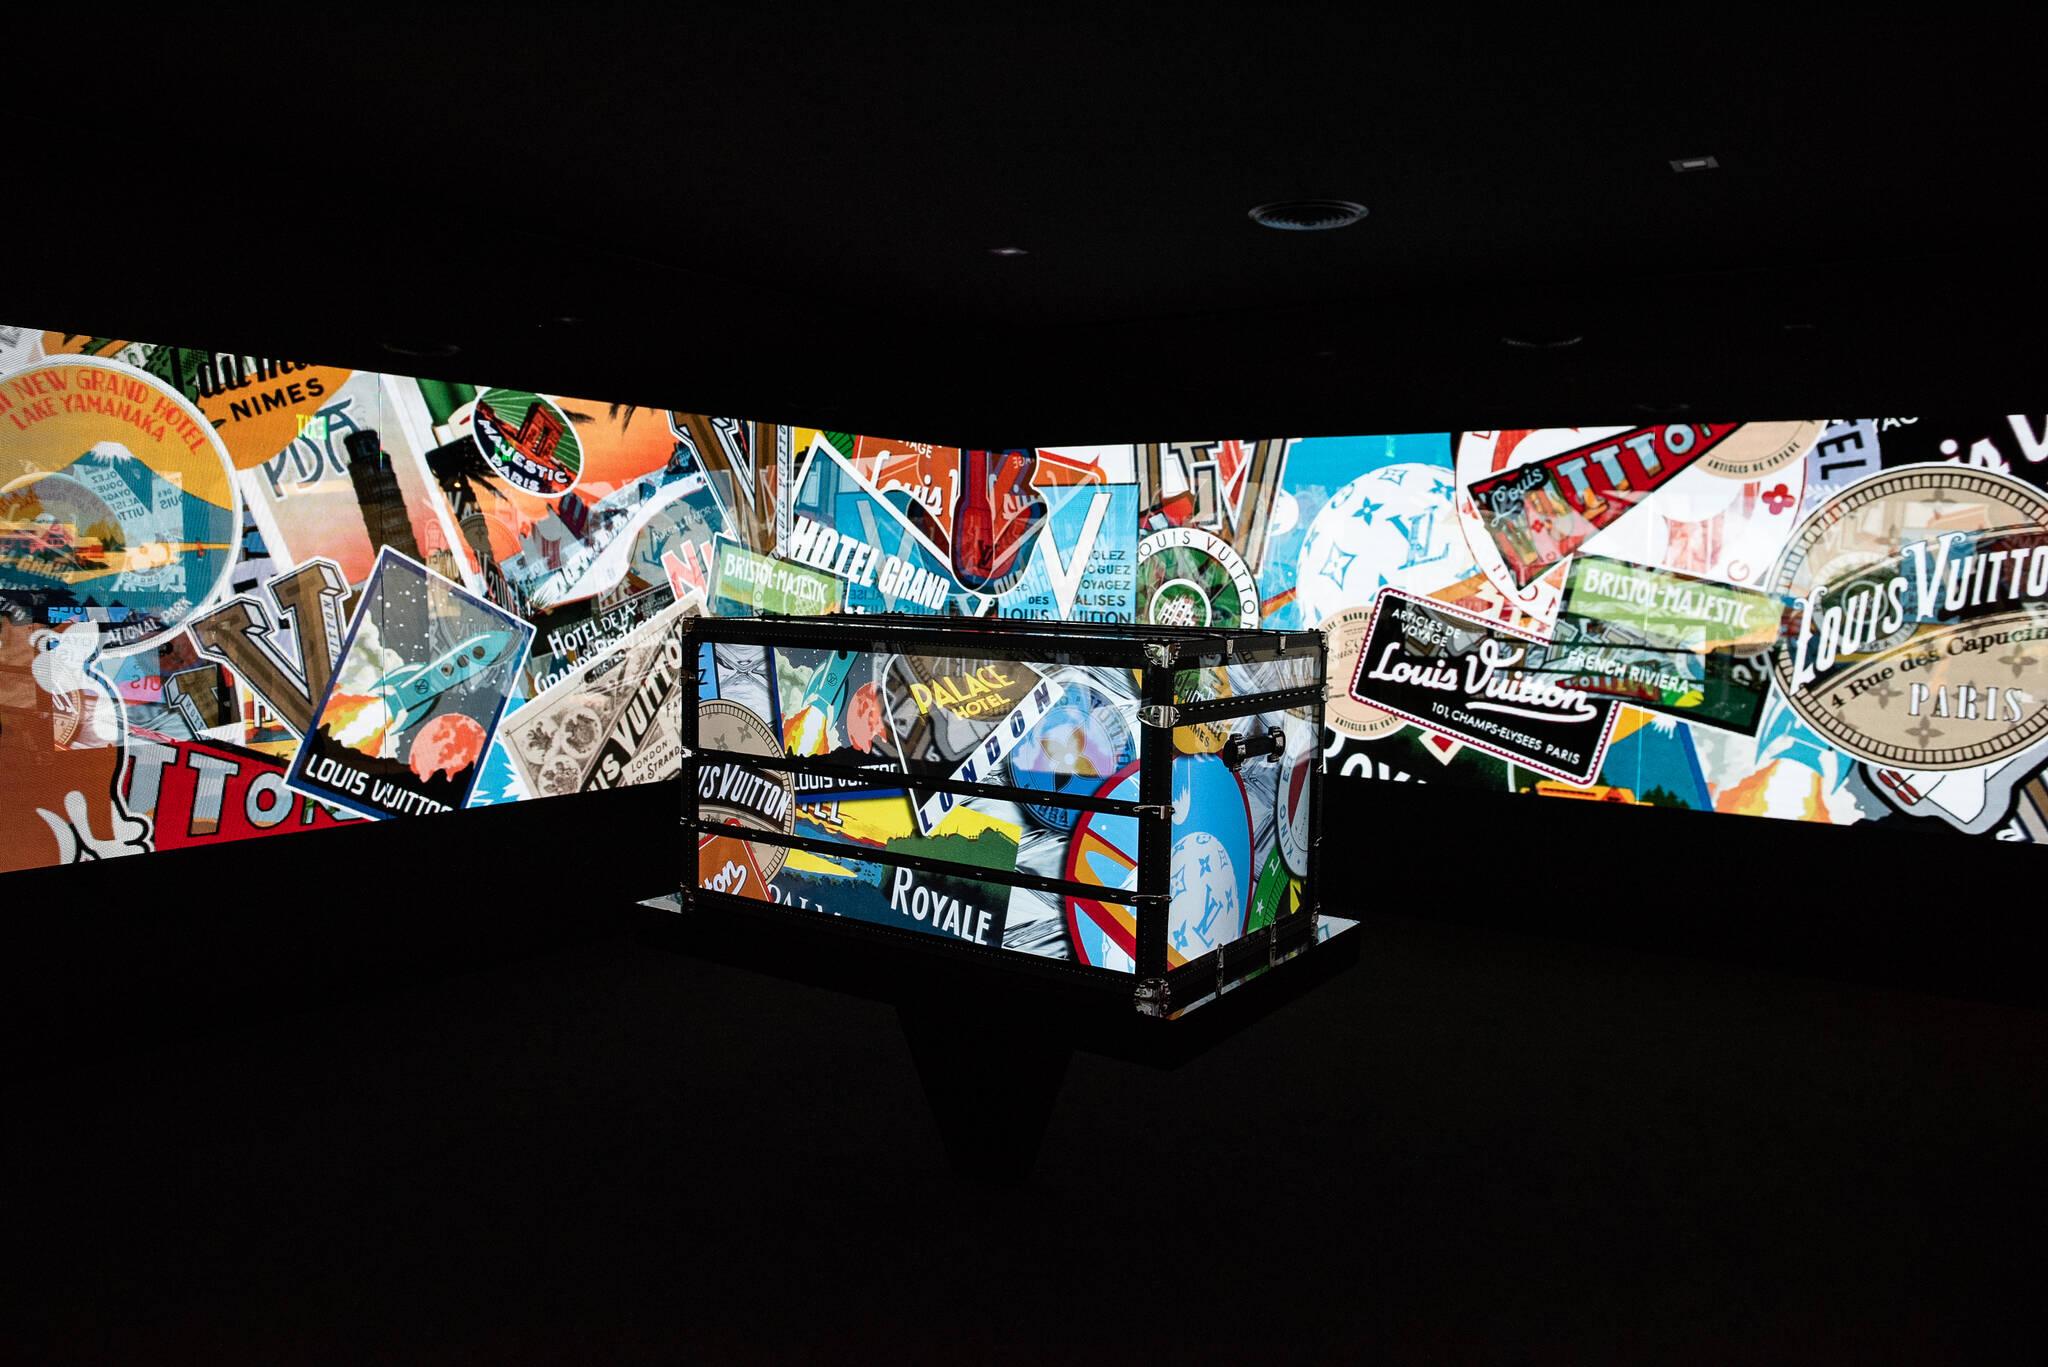 6a052d65048 Louis Vuitton: Time capsule exhibition Toronto